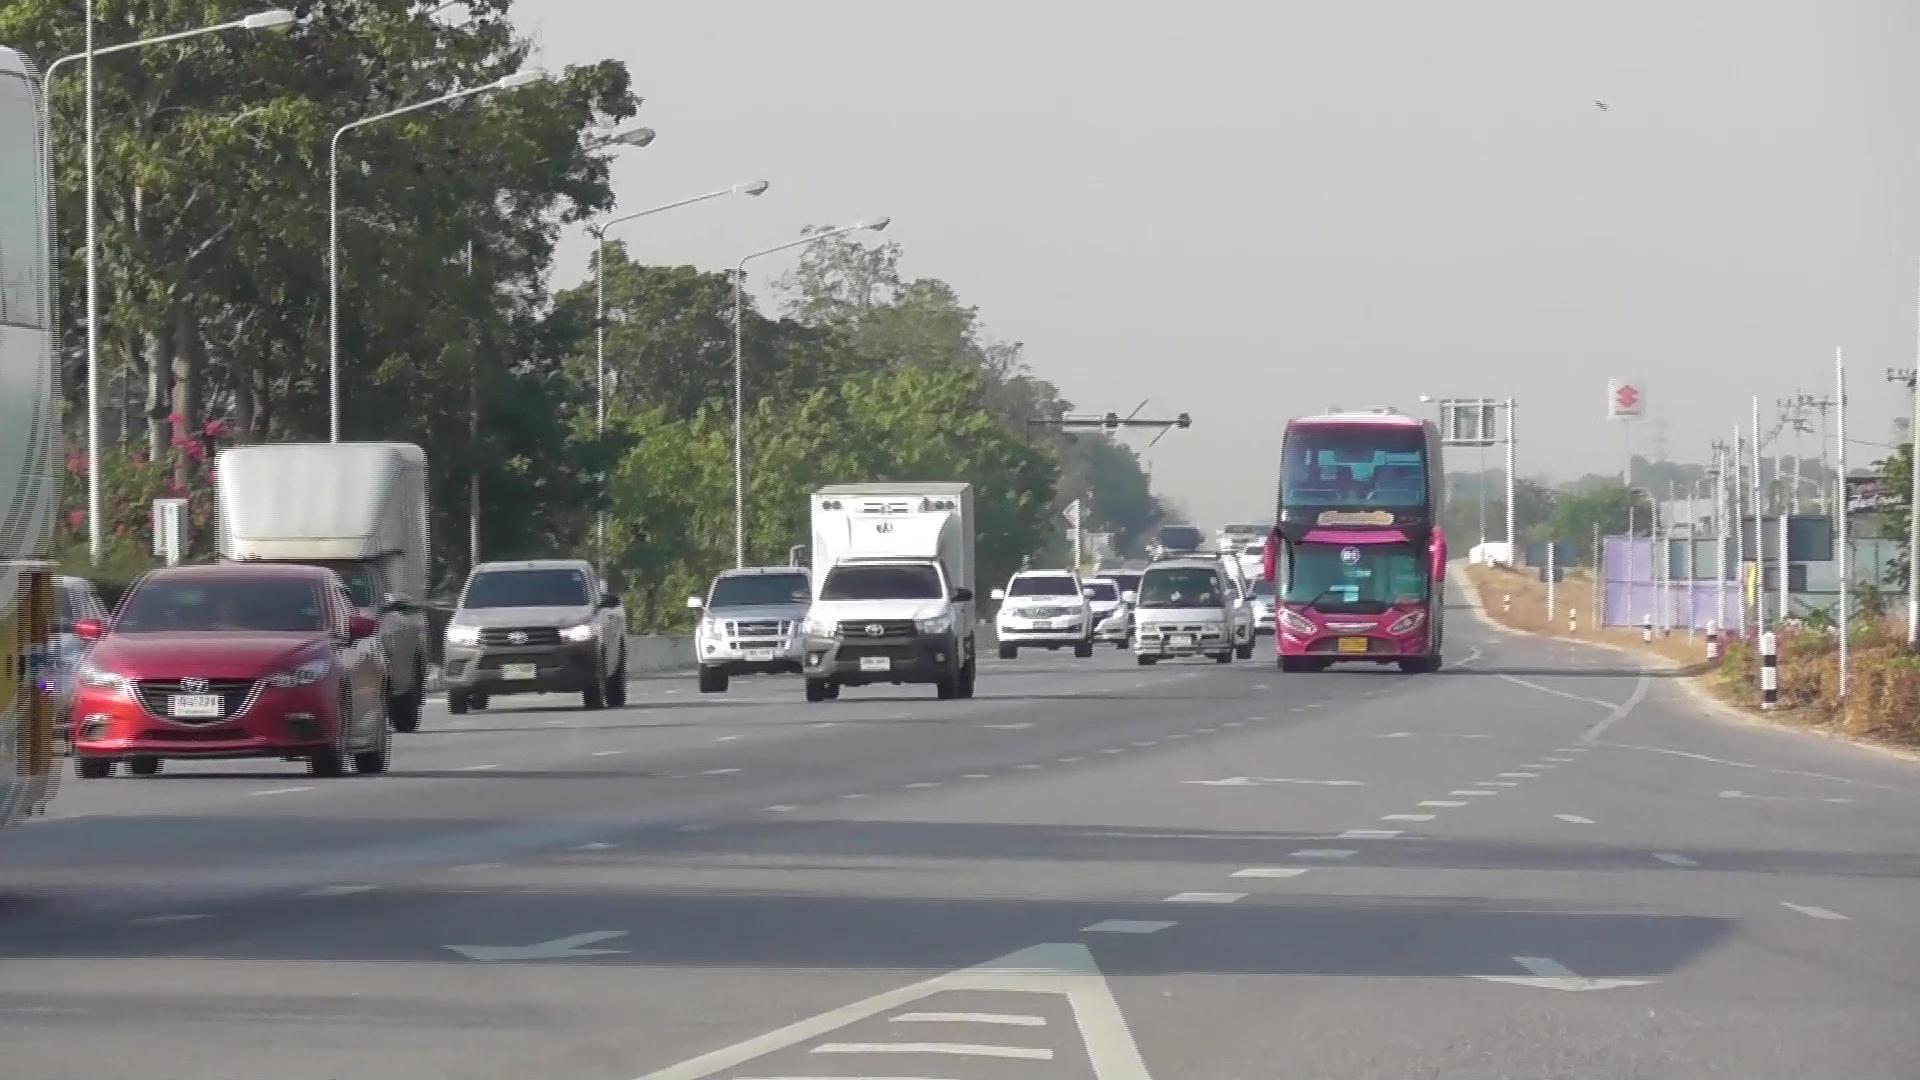 ปชช. เริ่มทยอยเดินทางกลับกรุงเทพ ถนนสายเอเชียฝั่งขาล่องรถเริ่มหนาแน่น